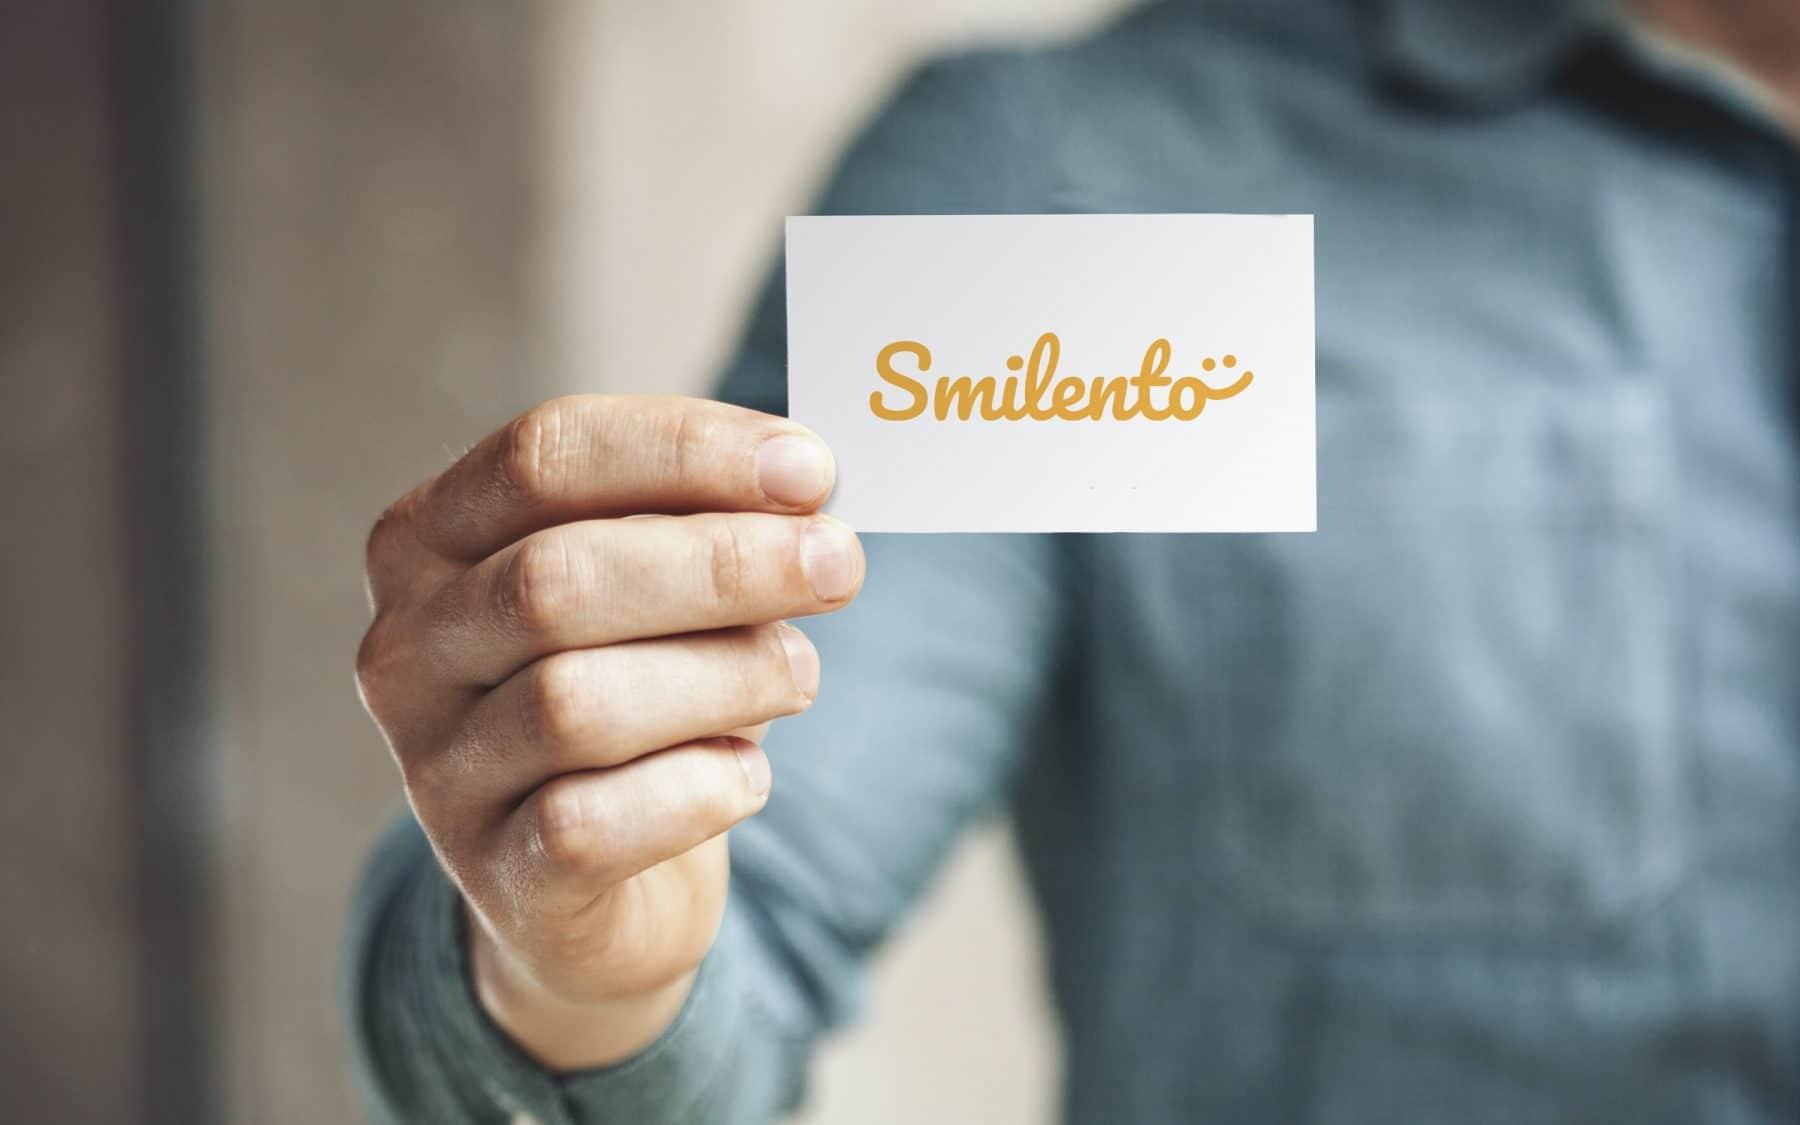 Smilento 1